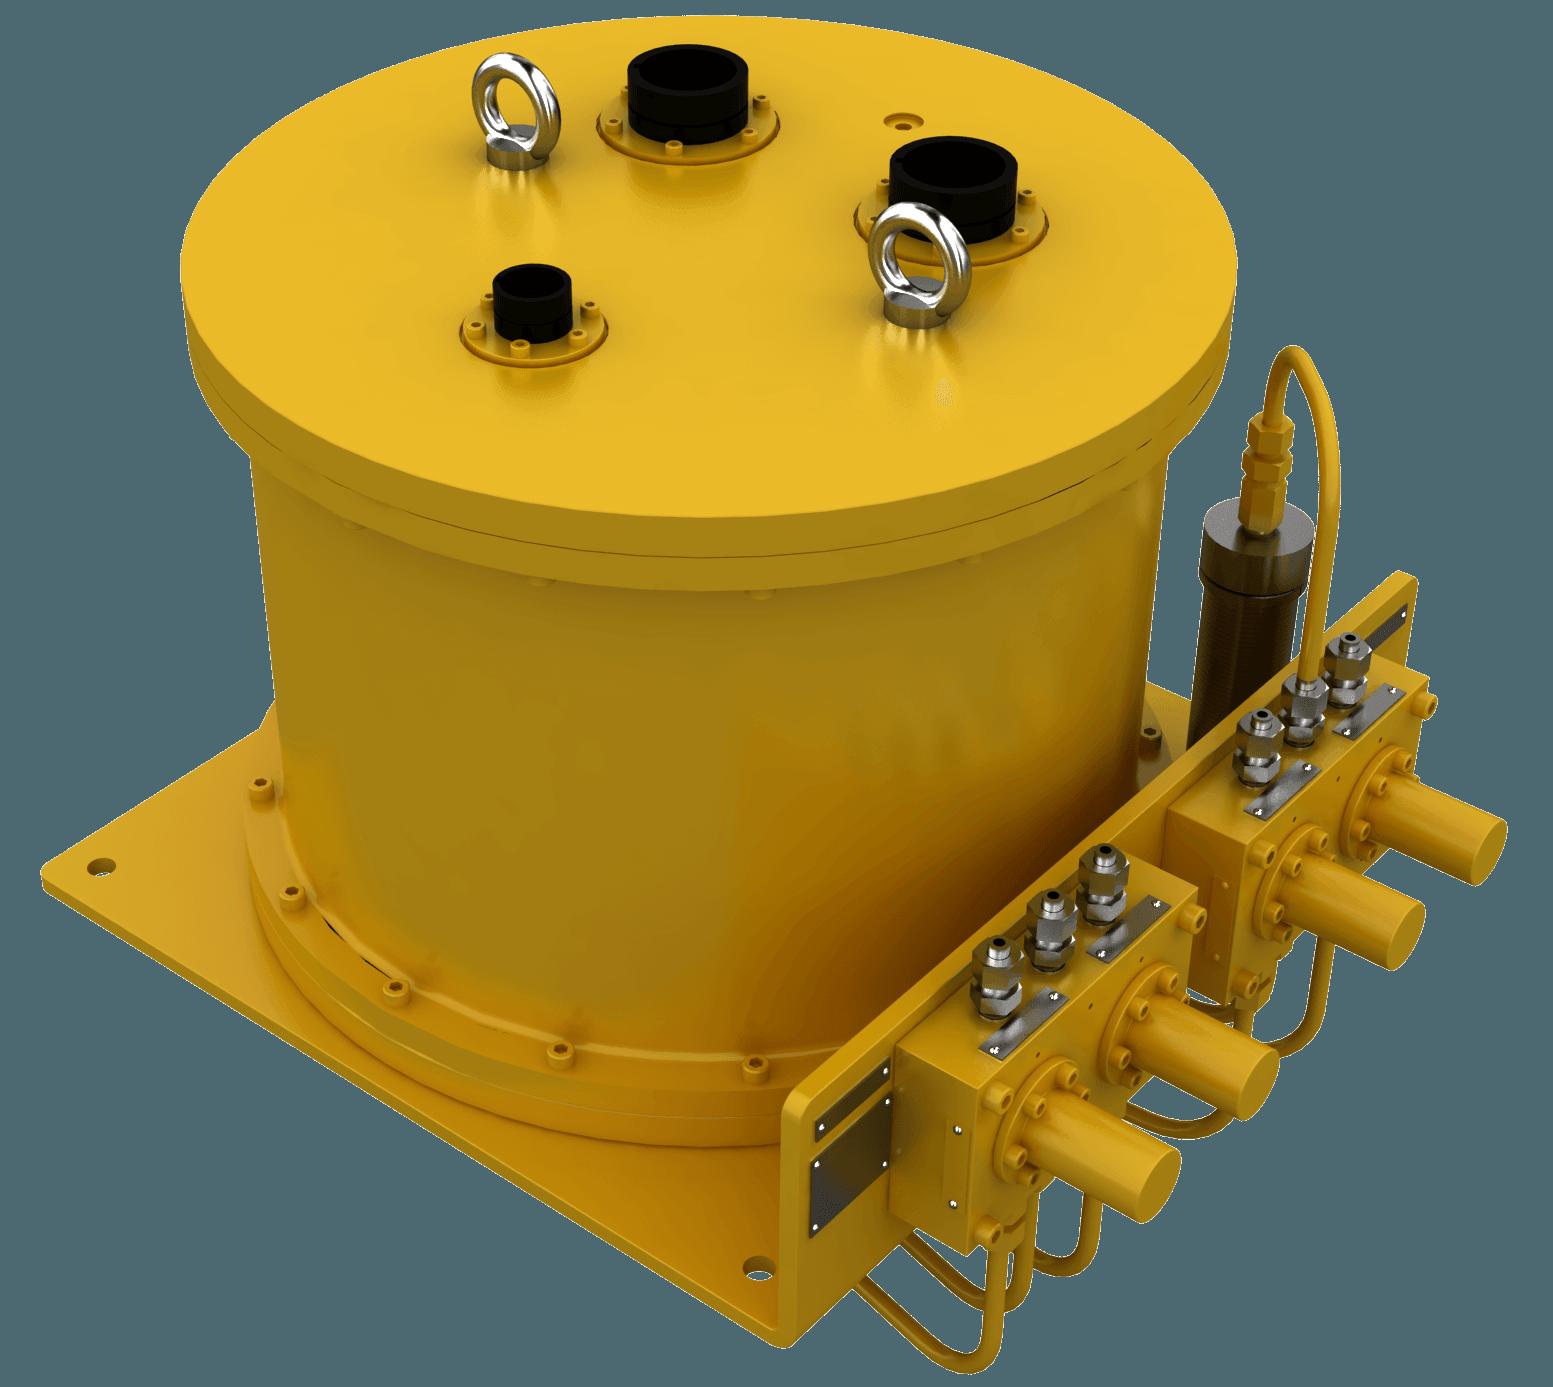 unidade de controle submarino, hardware submarino, CTV, válvulas, distribuição submarina, rotator